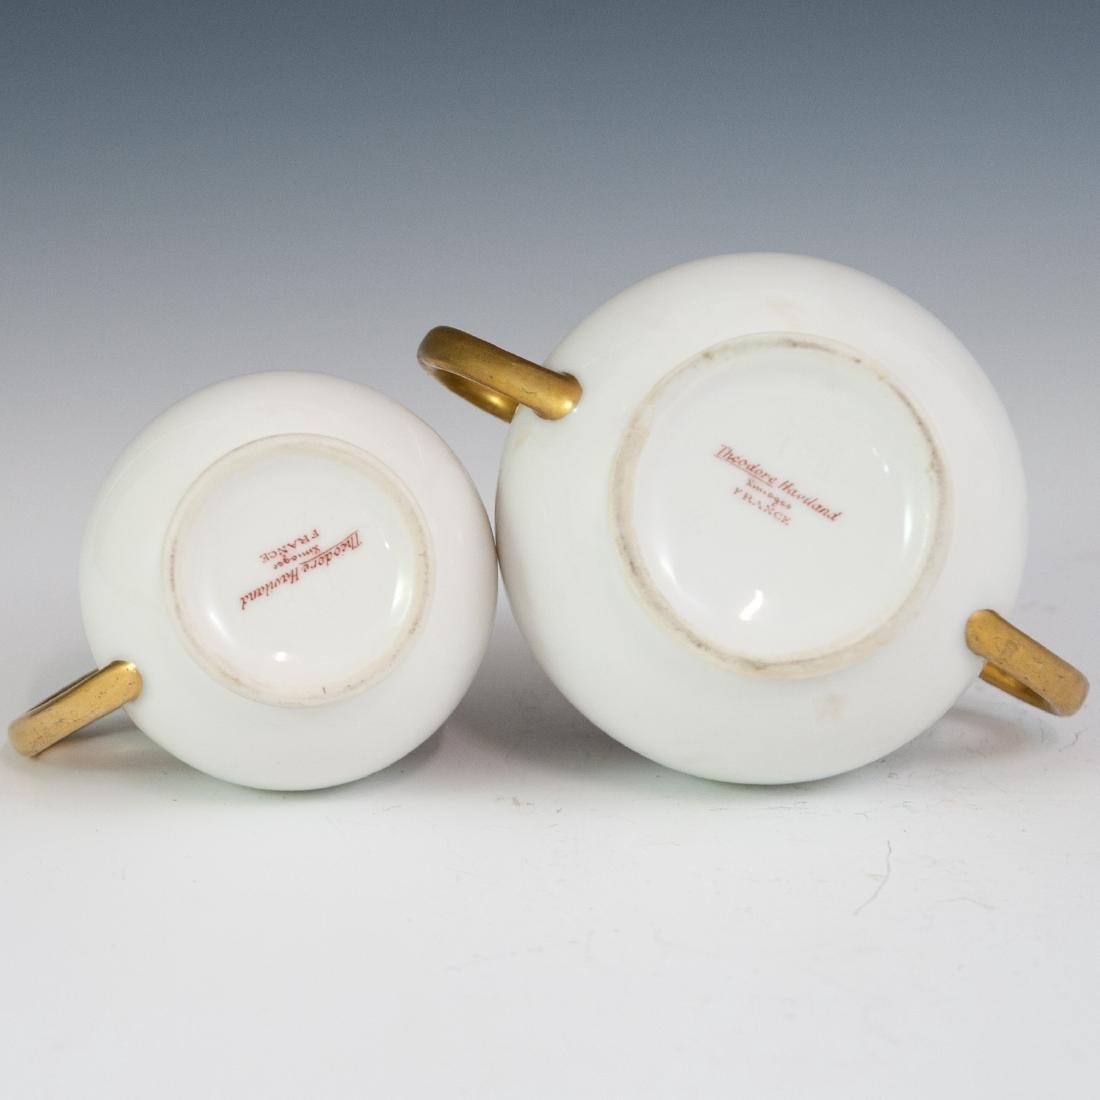 Theodore Haviland Limoges Porcelain Set - 3